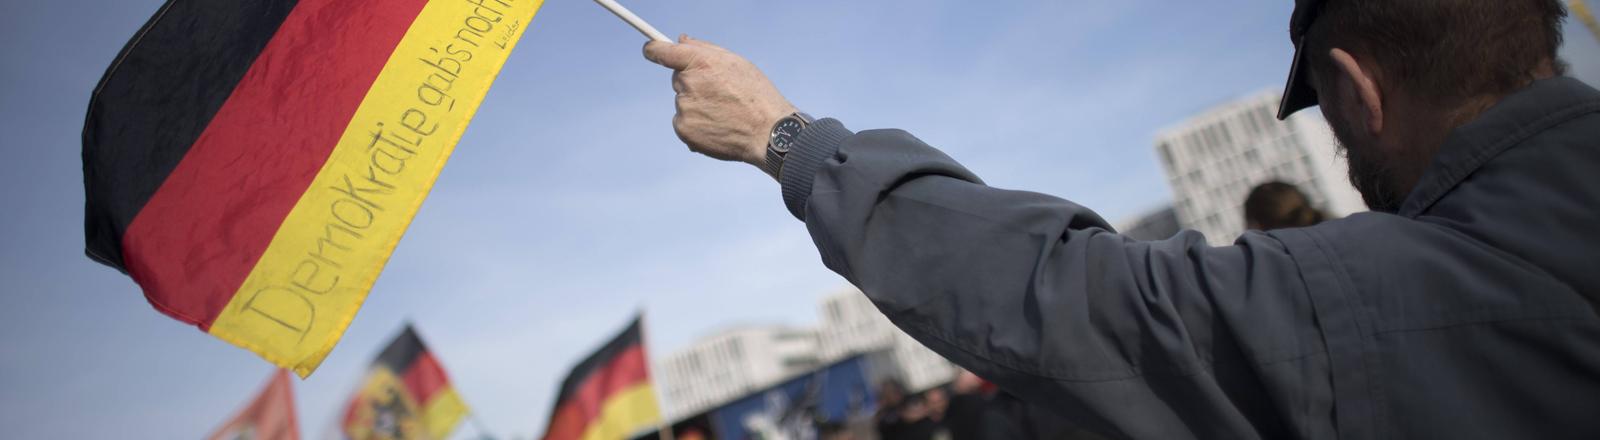 Demonstration rechter Gruppen im Berliner Regierungsviertel im März 2017.